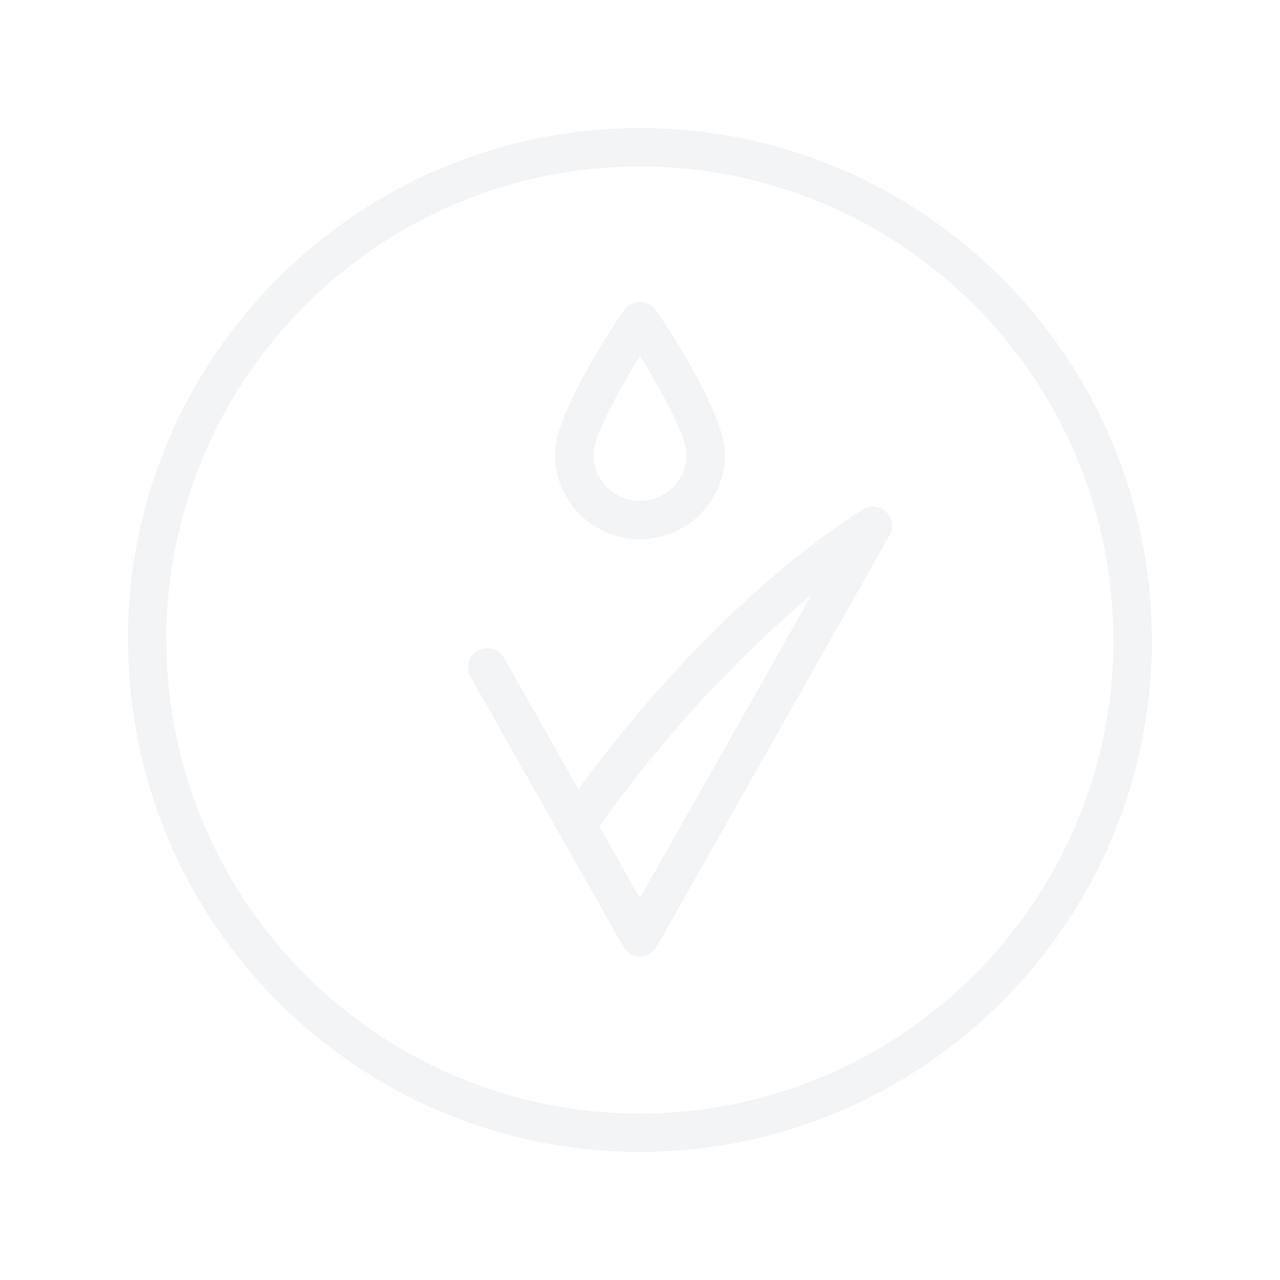 PALMER'S Cocoa Butter Exfoliating Facial Scrub 150g